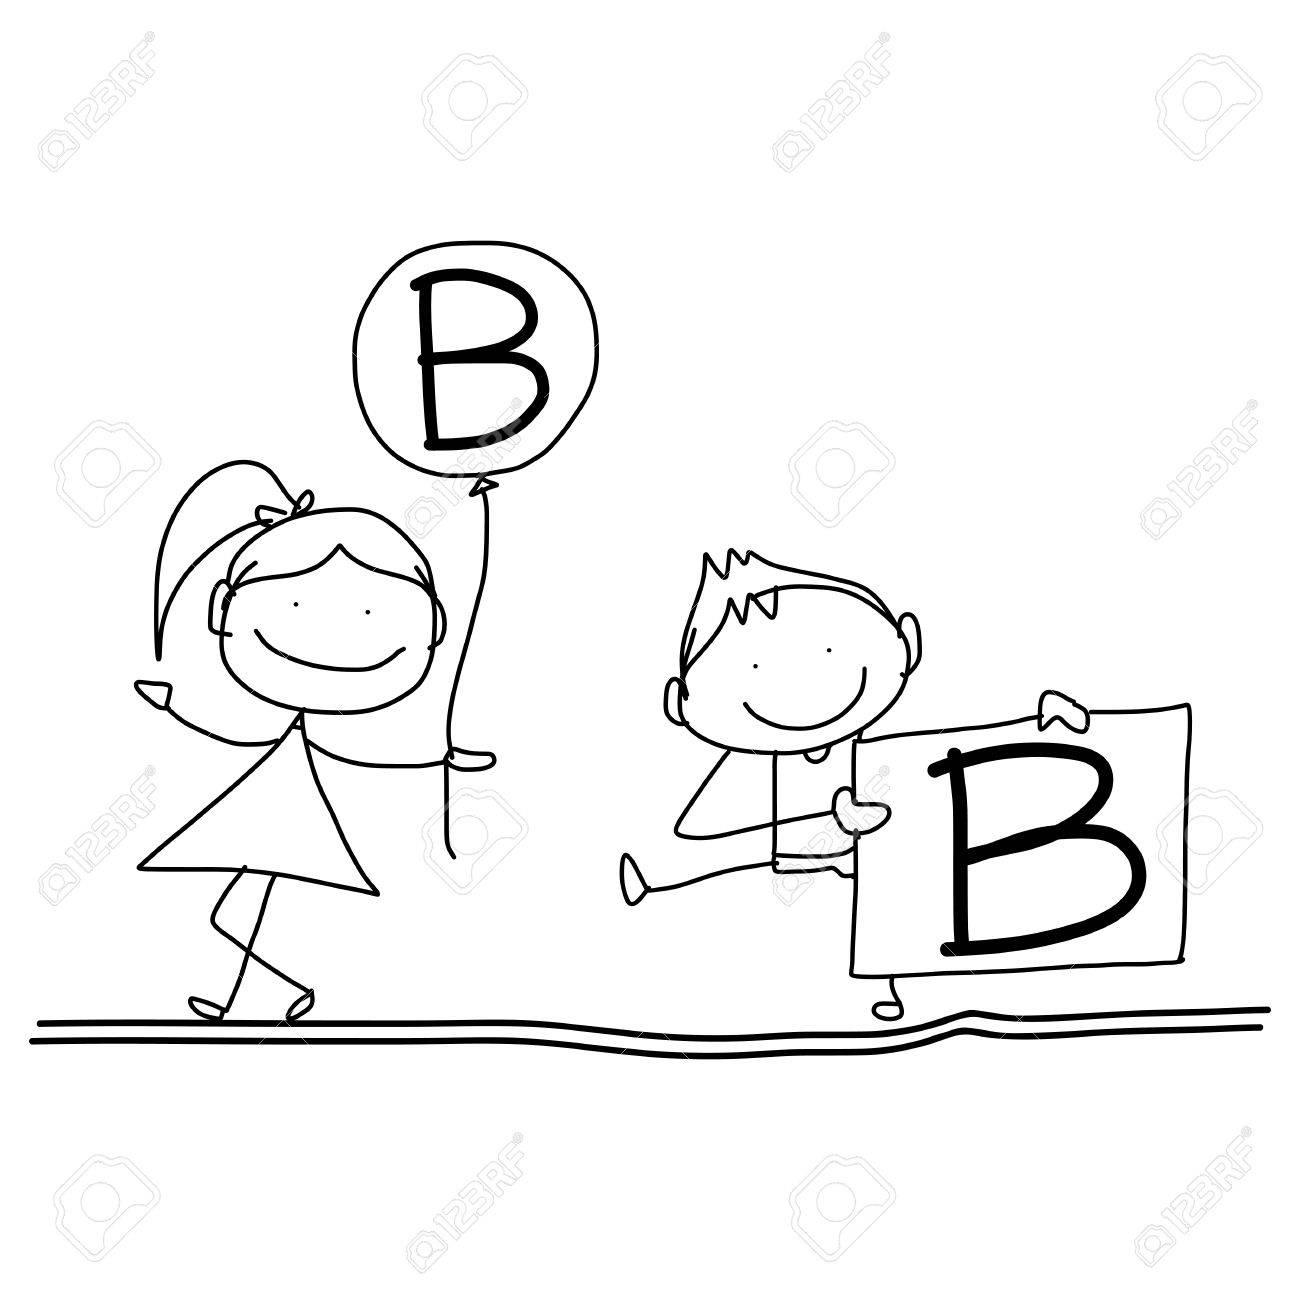 Vettoriale Disegno A Mano Personaggio Dei Cartoni Animati Felicità